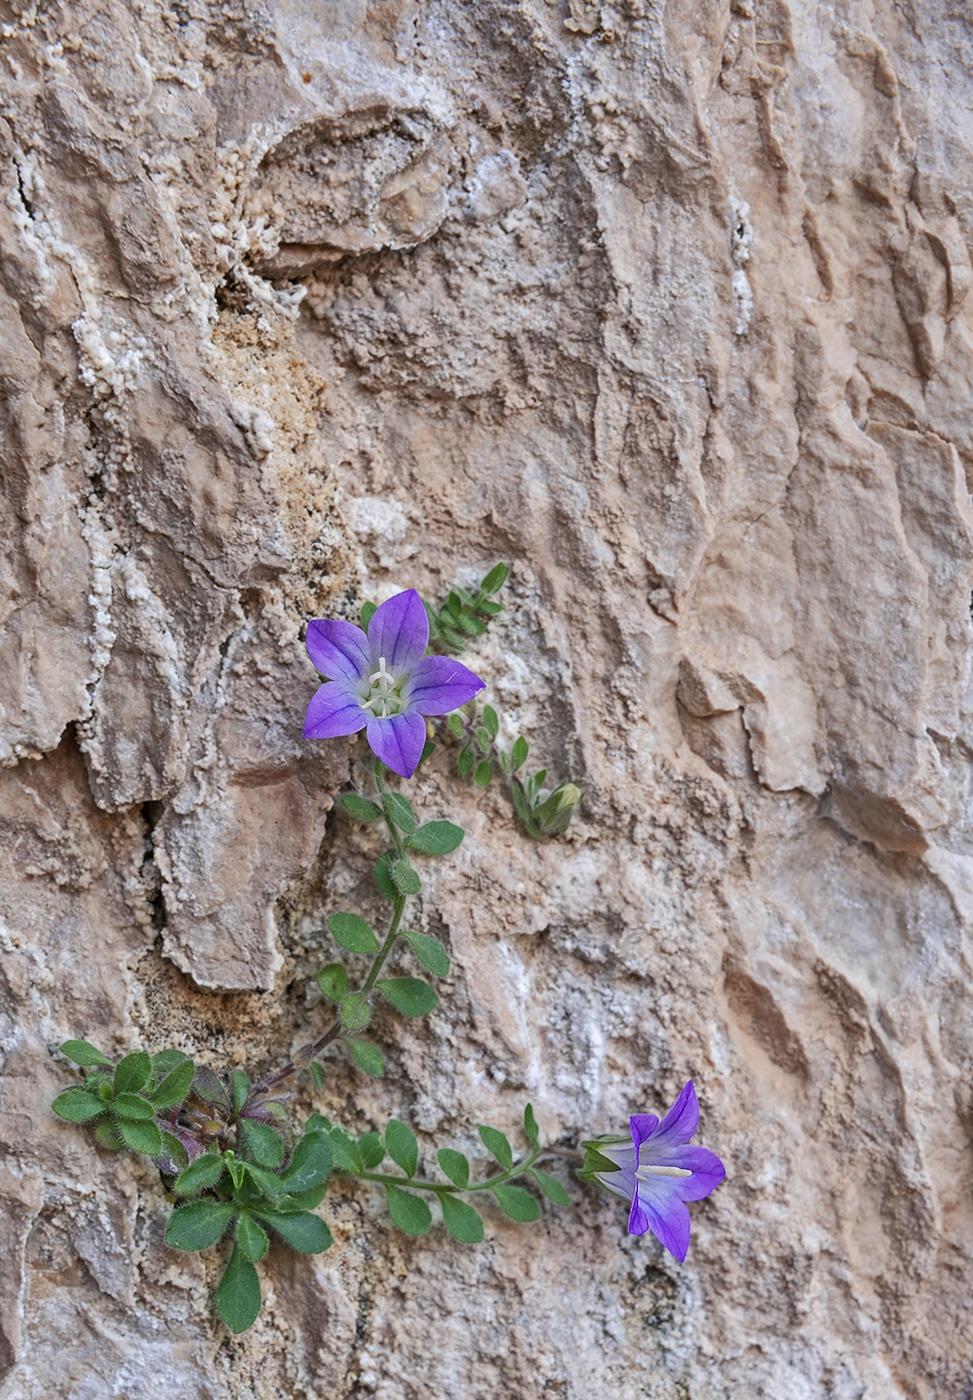 Sierra de Castril - Natural resilience - Peter Manschot Al Andalus Photo Tour, Landscape photography photos prints workshops Andalusia Spain